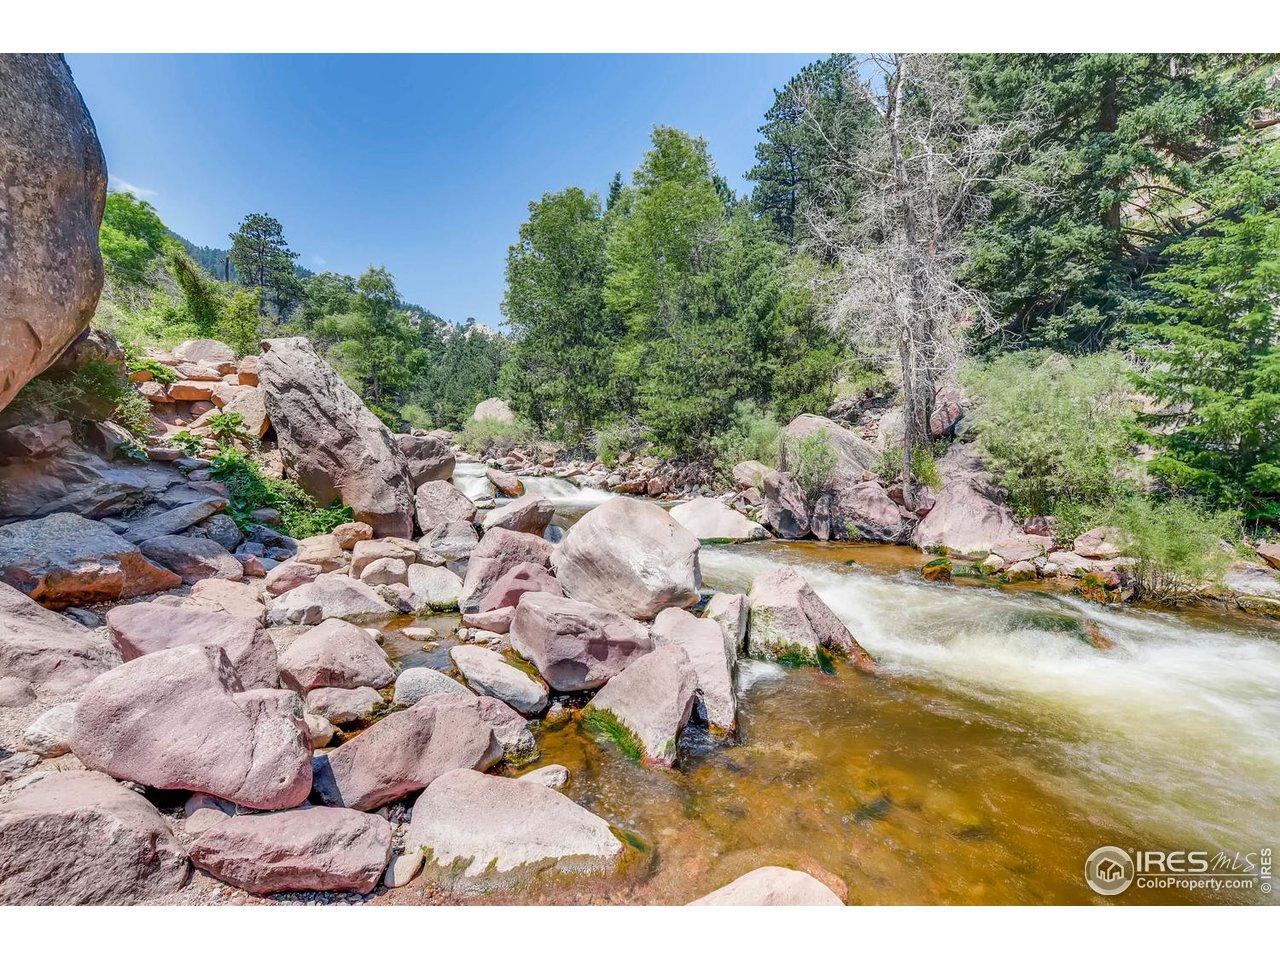 South Boulder Creek in Park